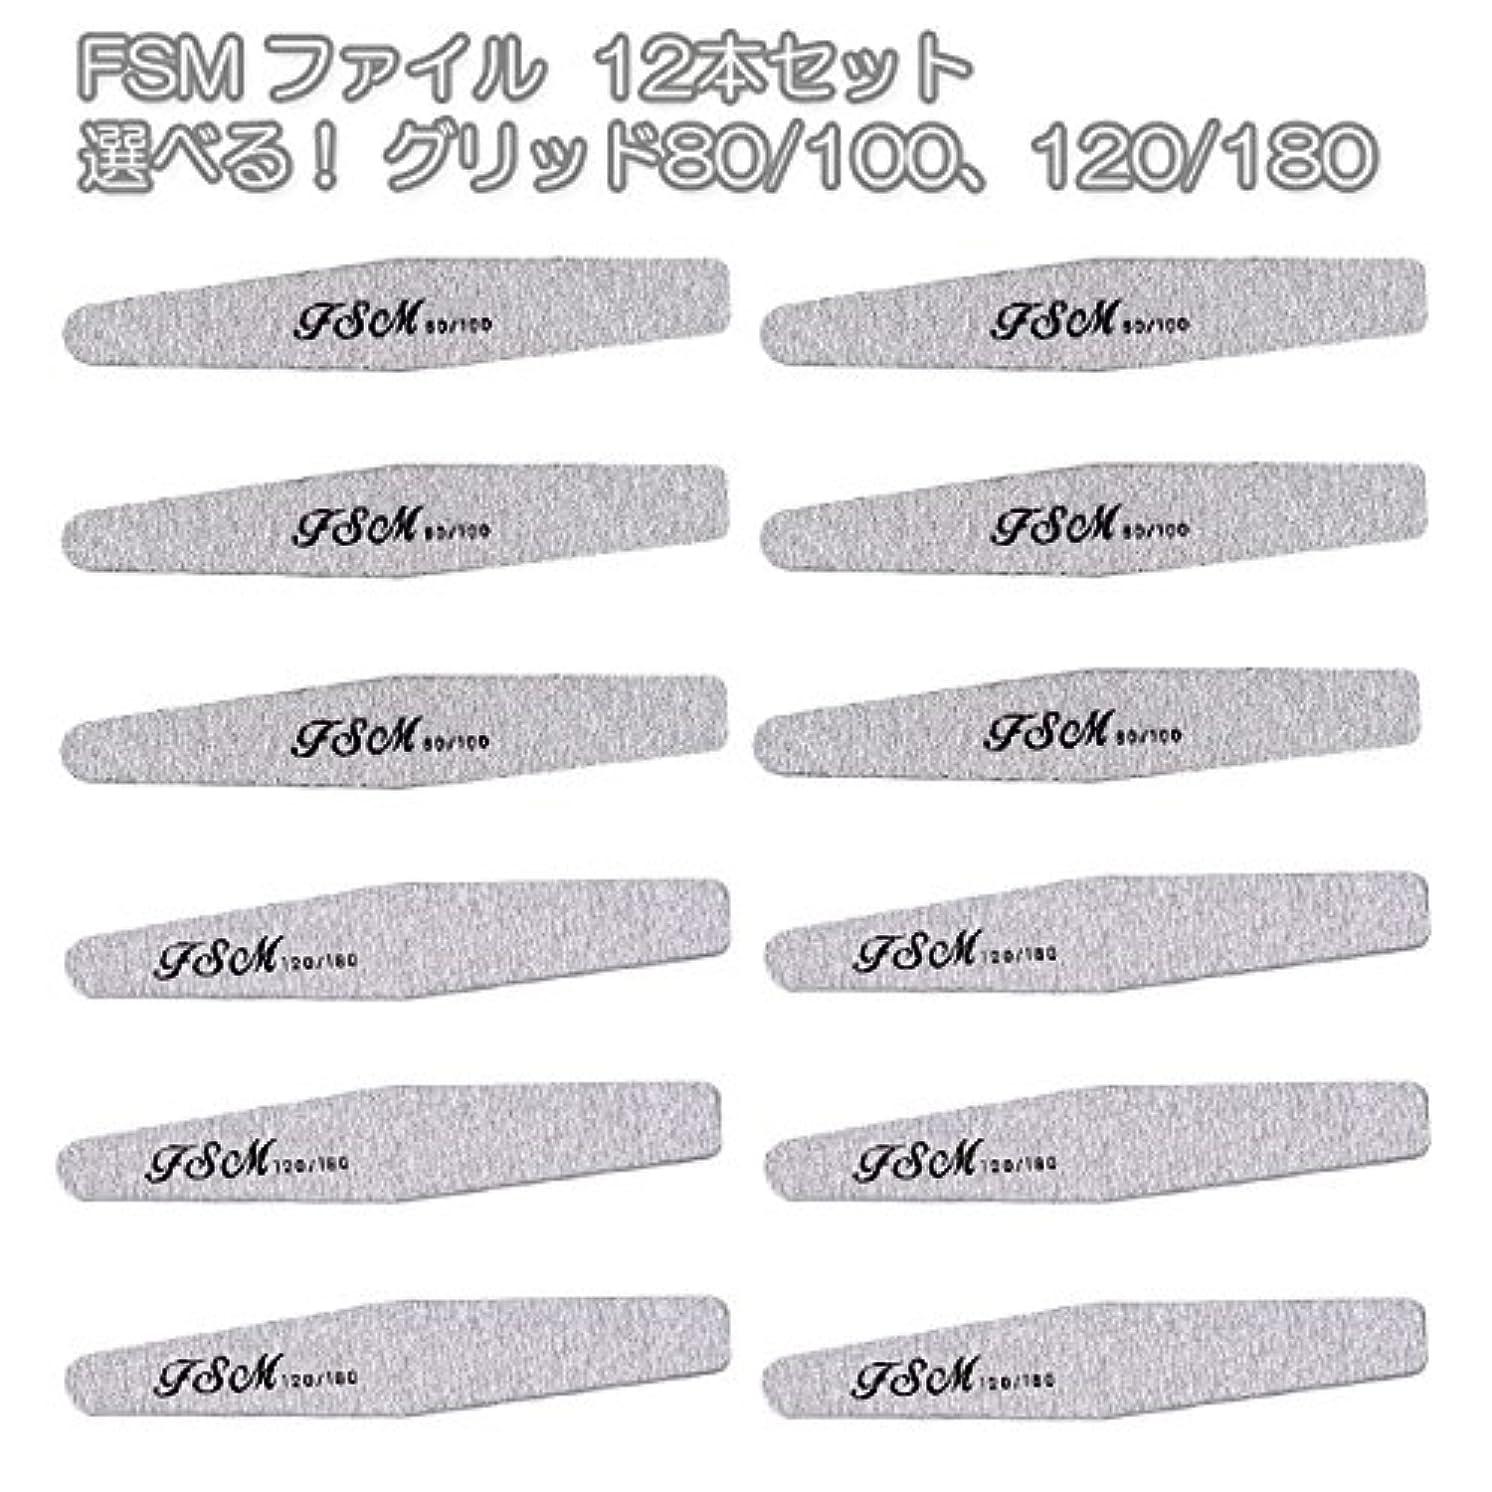 マイナー収束苦悩FSM ネイルファイル/バッファー12本セット(選べる!グリッド80/100、120/180) (G120/180の12本)